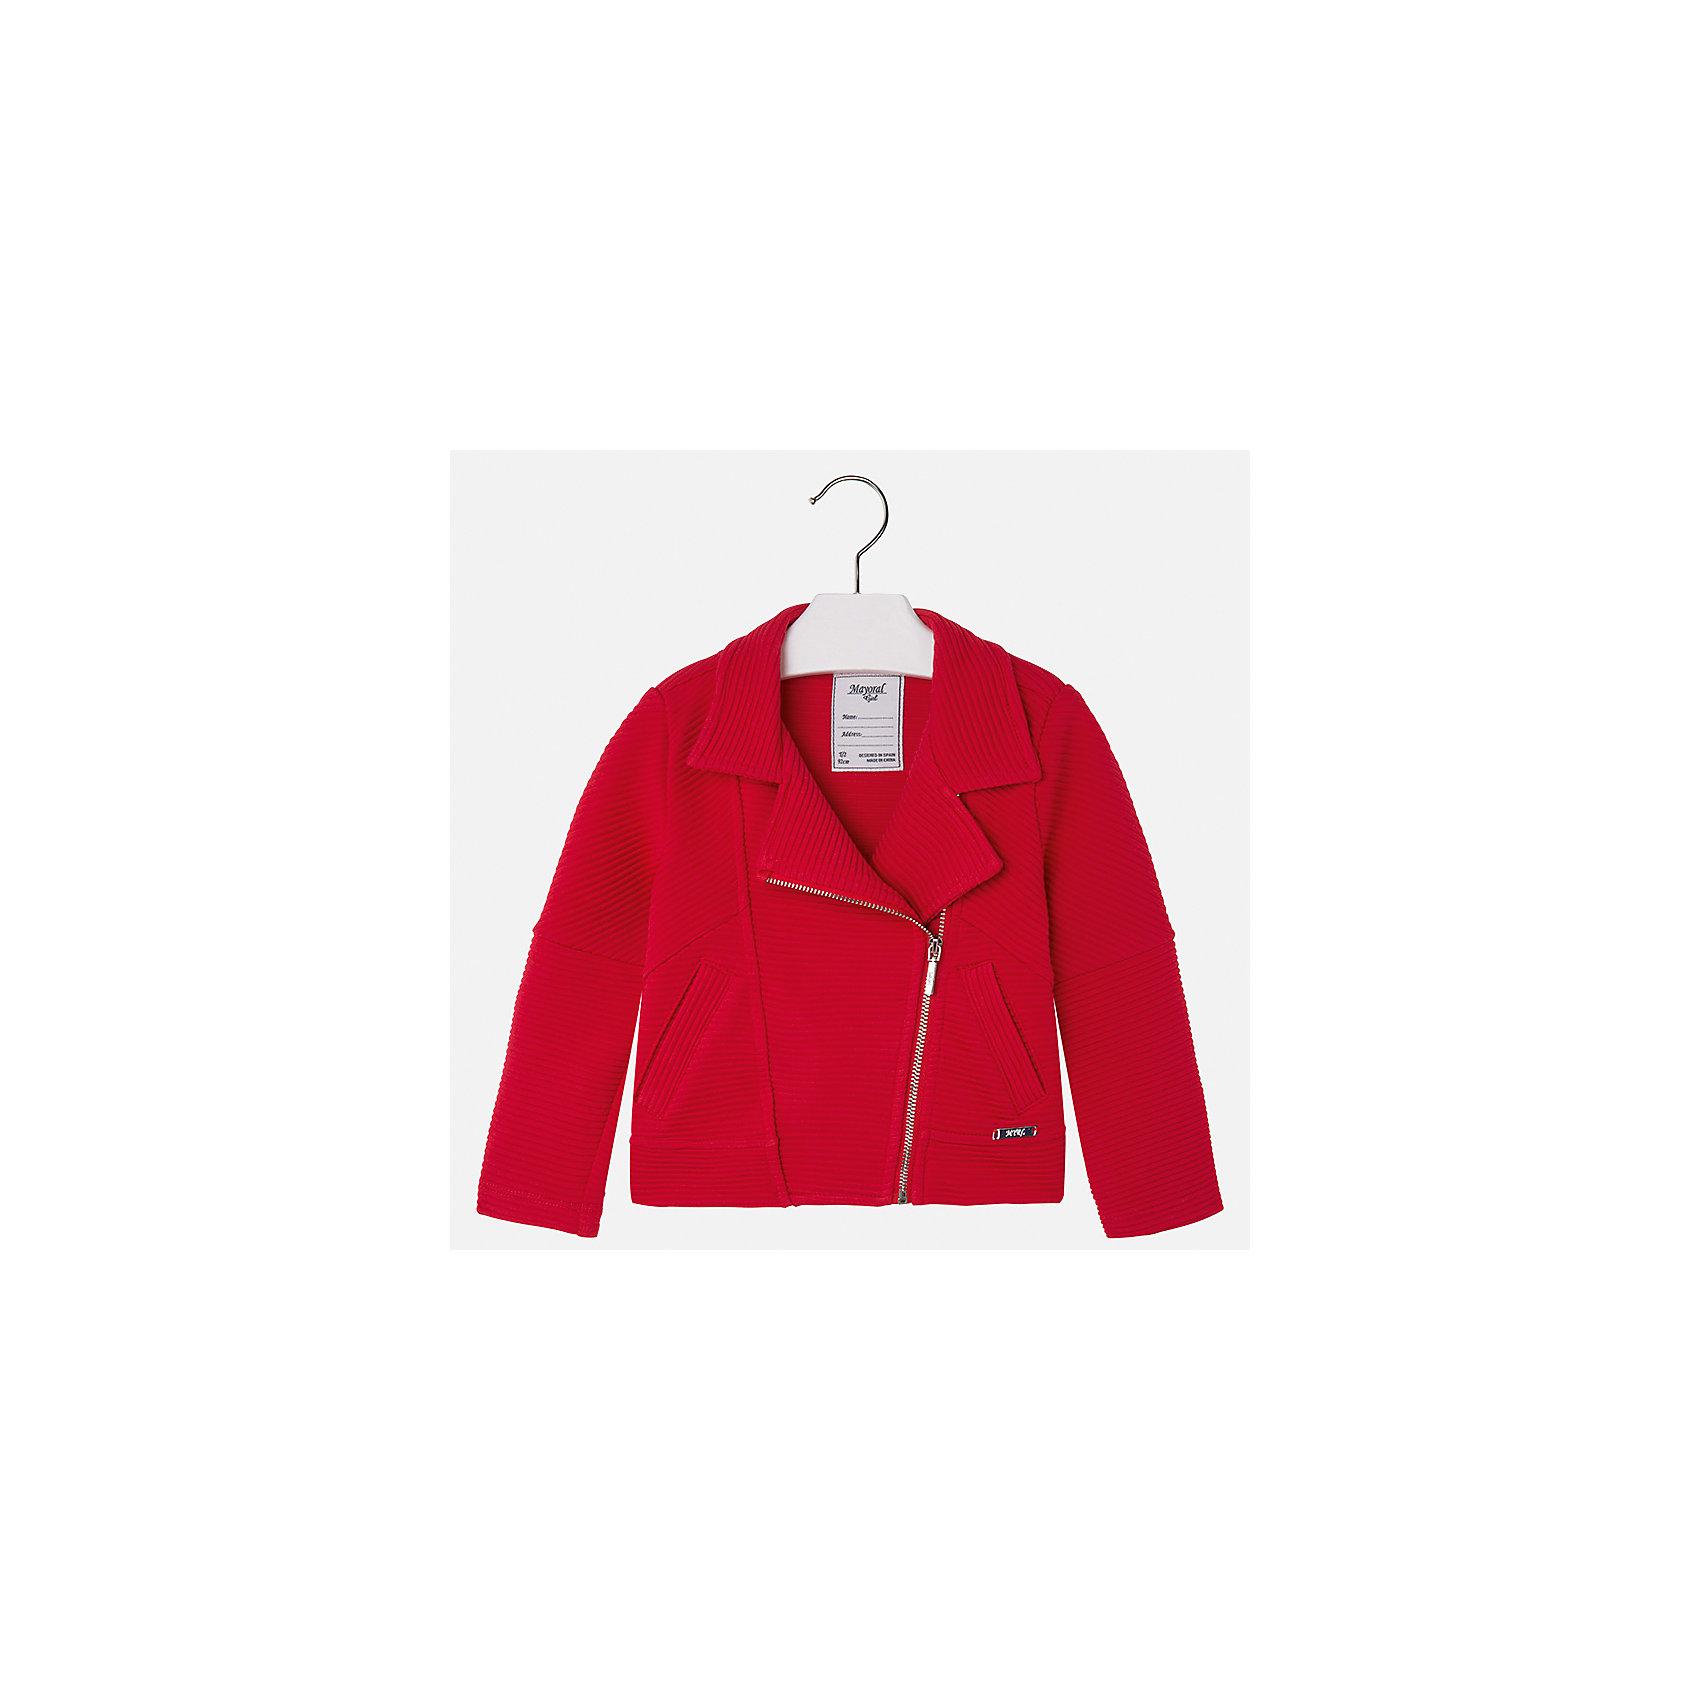 Пиджак для девочки MayoralХарактеристики товара:<br><br>• цвет: красный<br>• состав: 82% полиэстер, 17% вискоза, 1% эластан<br>• косая молния<br>• карманы<br>• с длинными рукавами <br>• фактурная ткань<br>• страна бренда: Испания<br><br>Стильный пиджак для девочки поможет разнообразить гардероб ребенка и украсить наряд. Он отлично сочетается и с юбками, и с брюками. Яркий цвет позволяет подобрать к вещи низ различных расцветок. Интересная отделка модели делает её нарядной и оригинальной.<br><br>Одежда, обувь и аксессуары от испанского бренда Mayoral полюбились детям и взрослым по всему миру. Модели этой марки - стильные и удобные. Для их производства используются только безопасные, качественные материалы и фурнитура. Порадуйте ребенка модными и красивыми вещами от Mayoral! <br><br>Пиджак для девочки от испанского бренда Mayoral (Майорал) можно купить в нашем интернет-магазине.<br><br>Ширина мм: 247<br>Глубина мм: 16<br>Высота мм: 140<br>Вес г: 225<br>Цвет: красный<br>Возраст от месяцев: 24<br>Возраст до месяцев: 36<br>Пол: Женский<br>Возраст: Детский<br>Размер: 98,134,104,110,116,122,128<br>SKU: 5290065